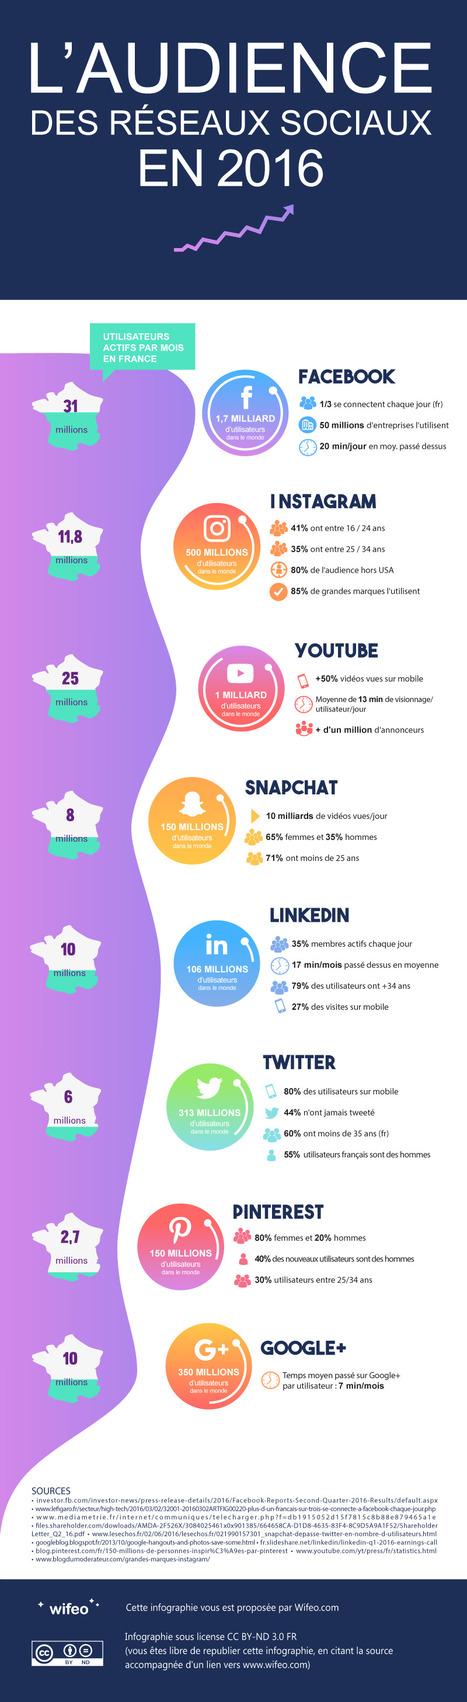 [infographie] Les audiences des réseaux sociaux en France et dans le monde en 2016 | Social Media Curation par Mon Habitat Web | Scoop.it